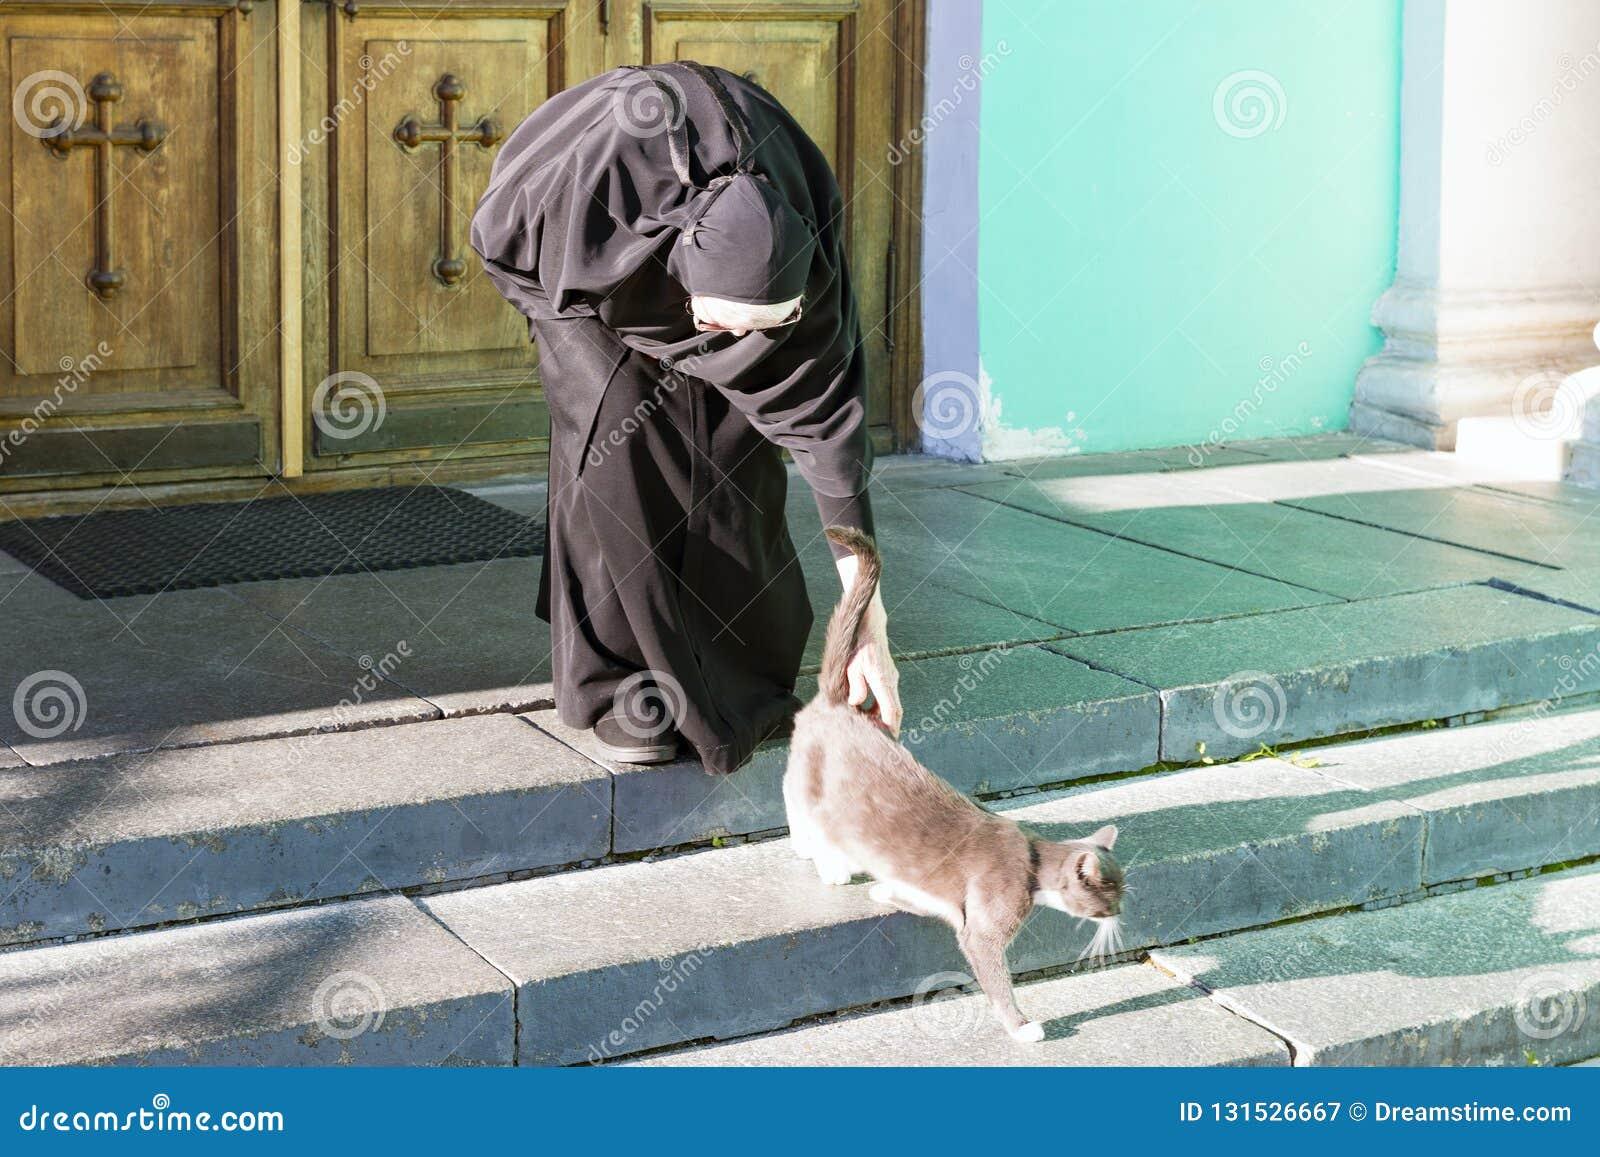 Nonne, die eine Katze streichelt